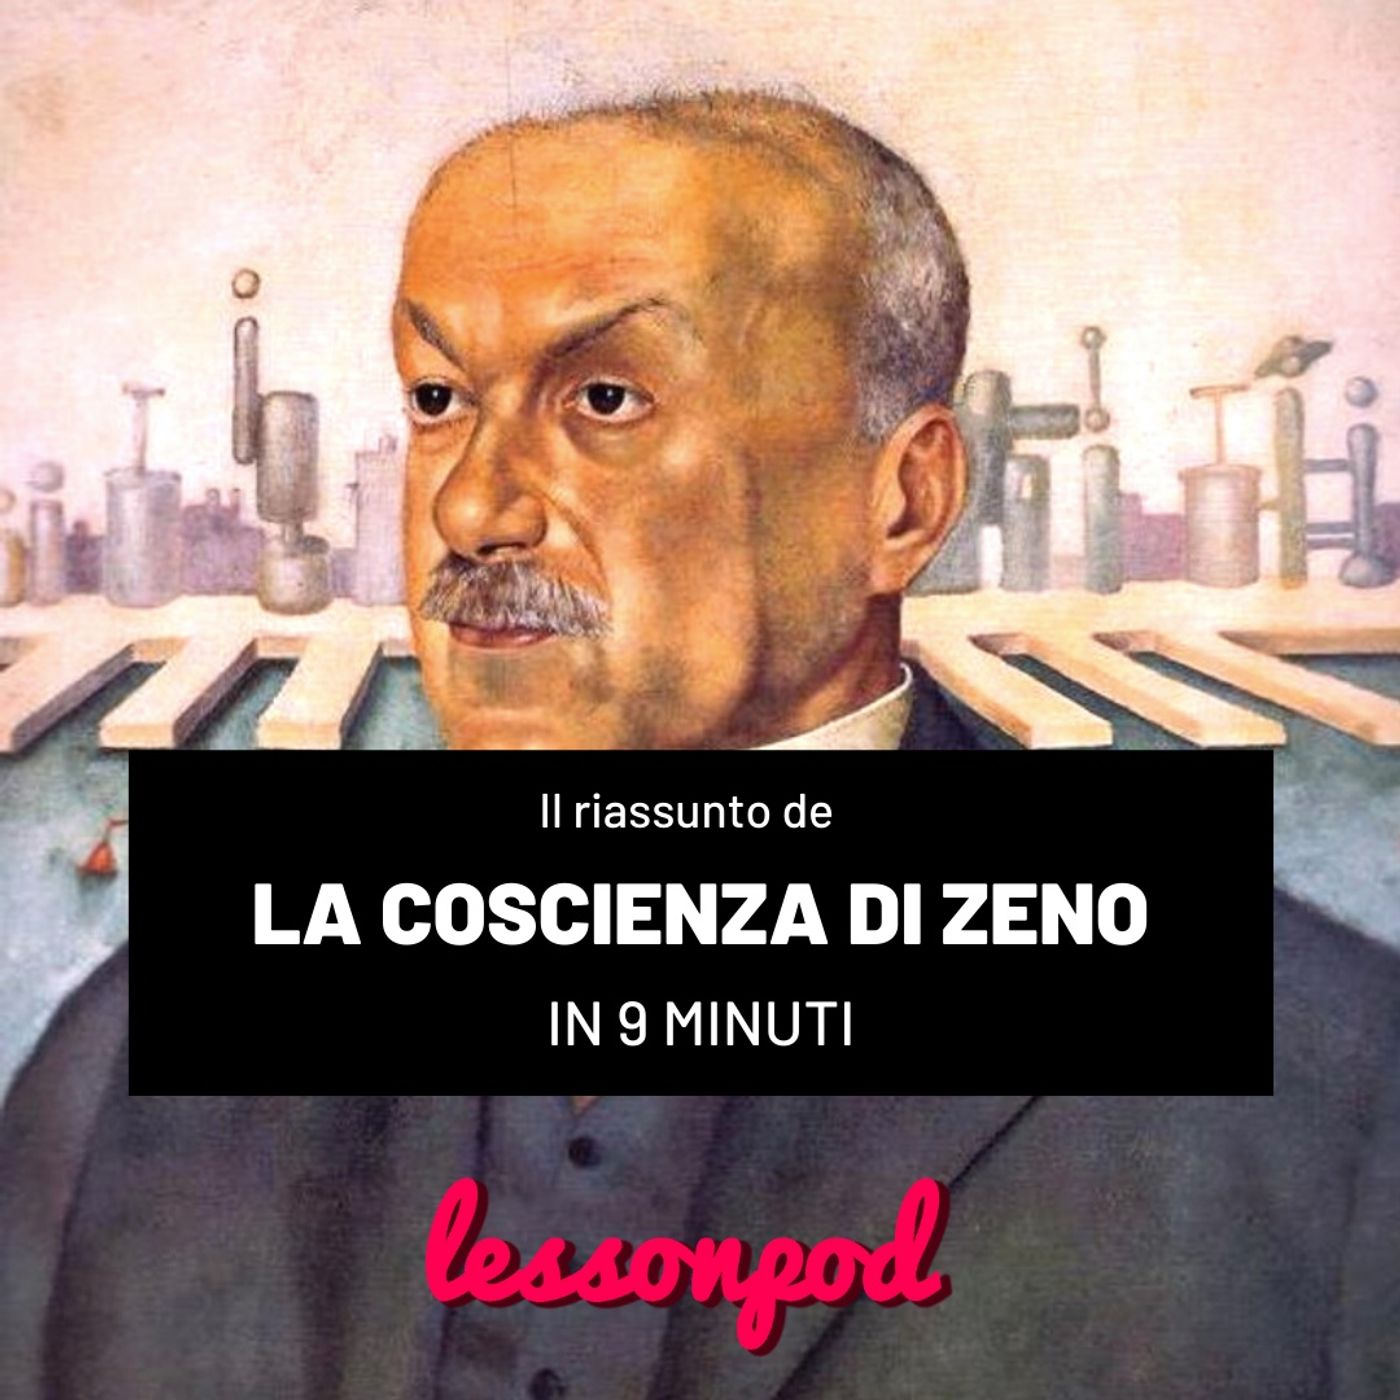 Il riassunto de La Coscienza di Zeno in 9 minuti